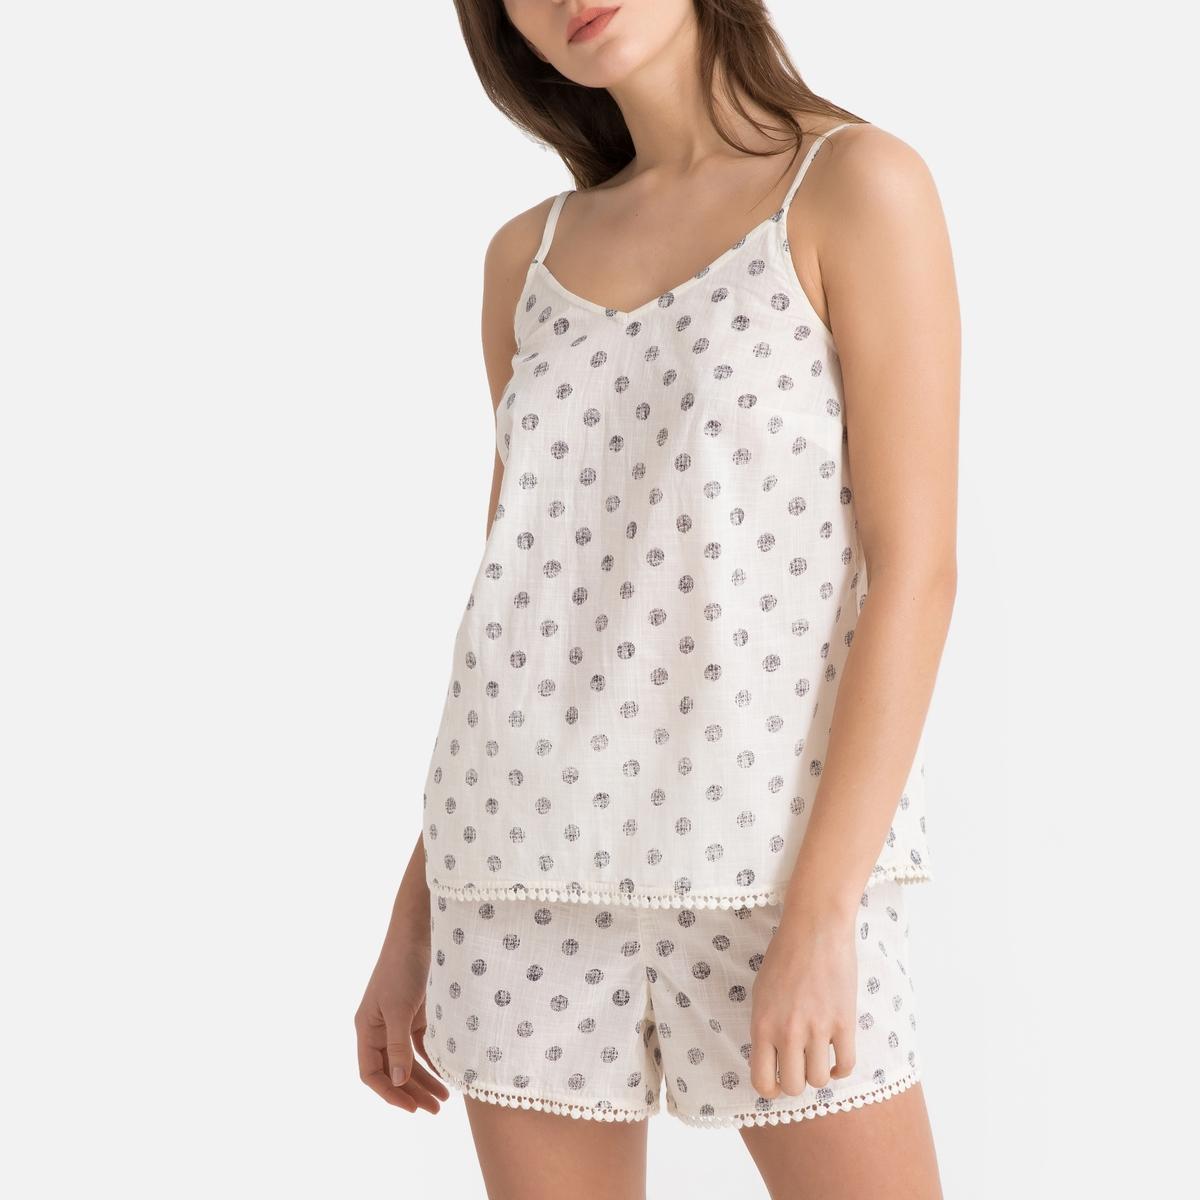 Pijama con short y estampado de lunares, 100% algodón